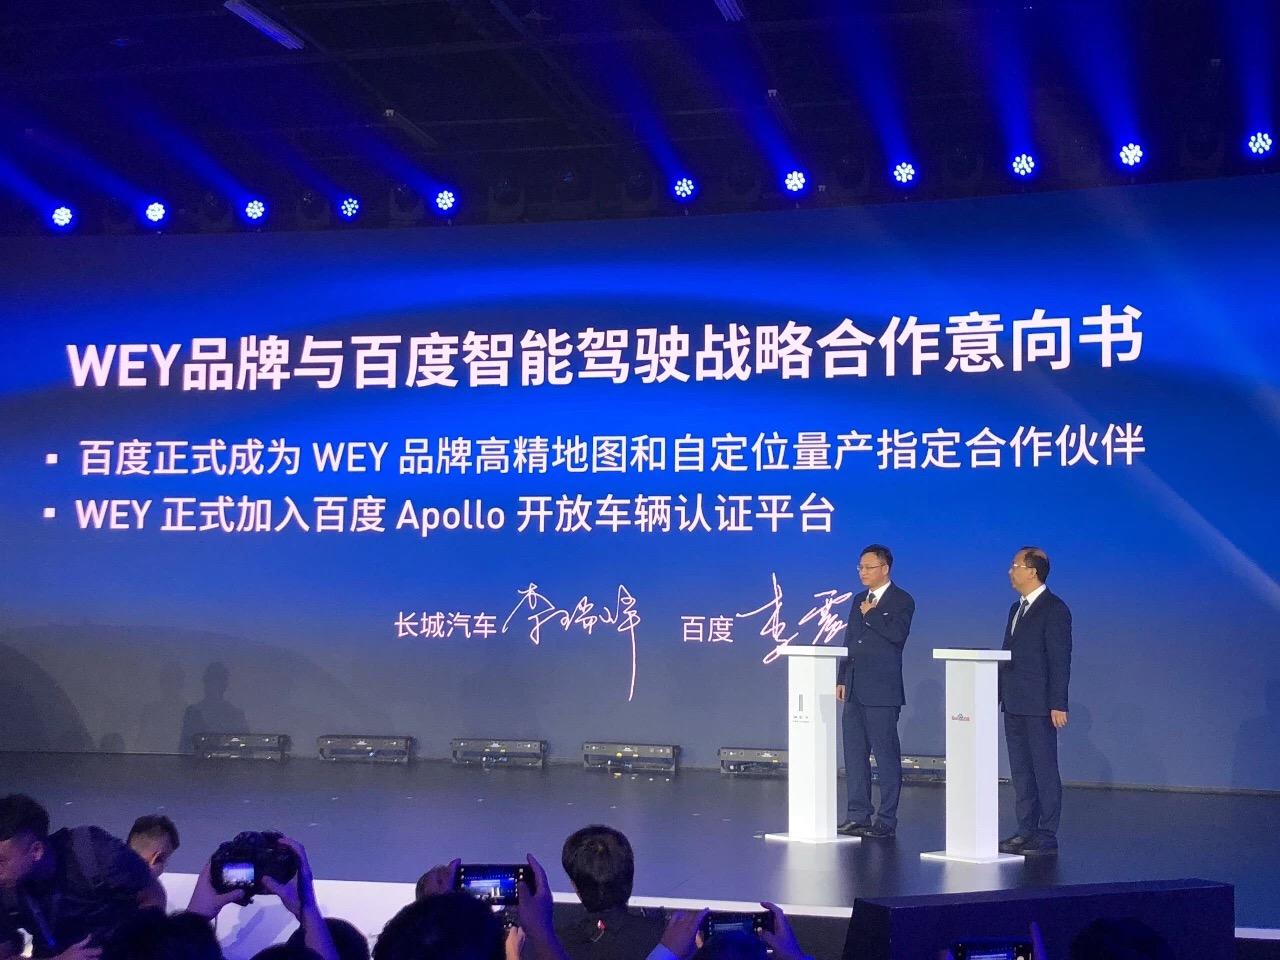 百度副总裁、智能驾驶事业群组总经理李震宇与长城汽车股份有限公司副总裁兼销售公司总经理李瑞峰宣布合作